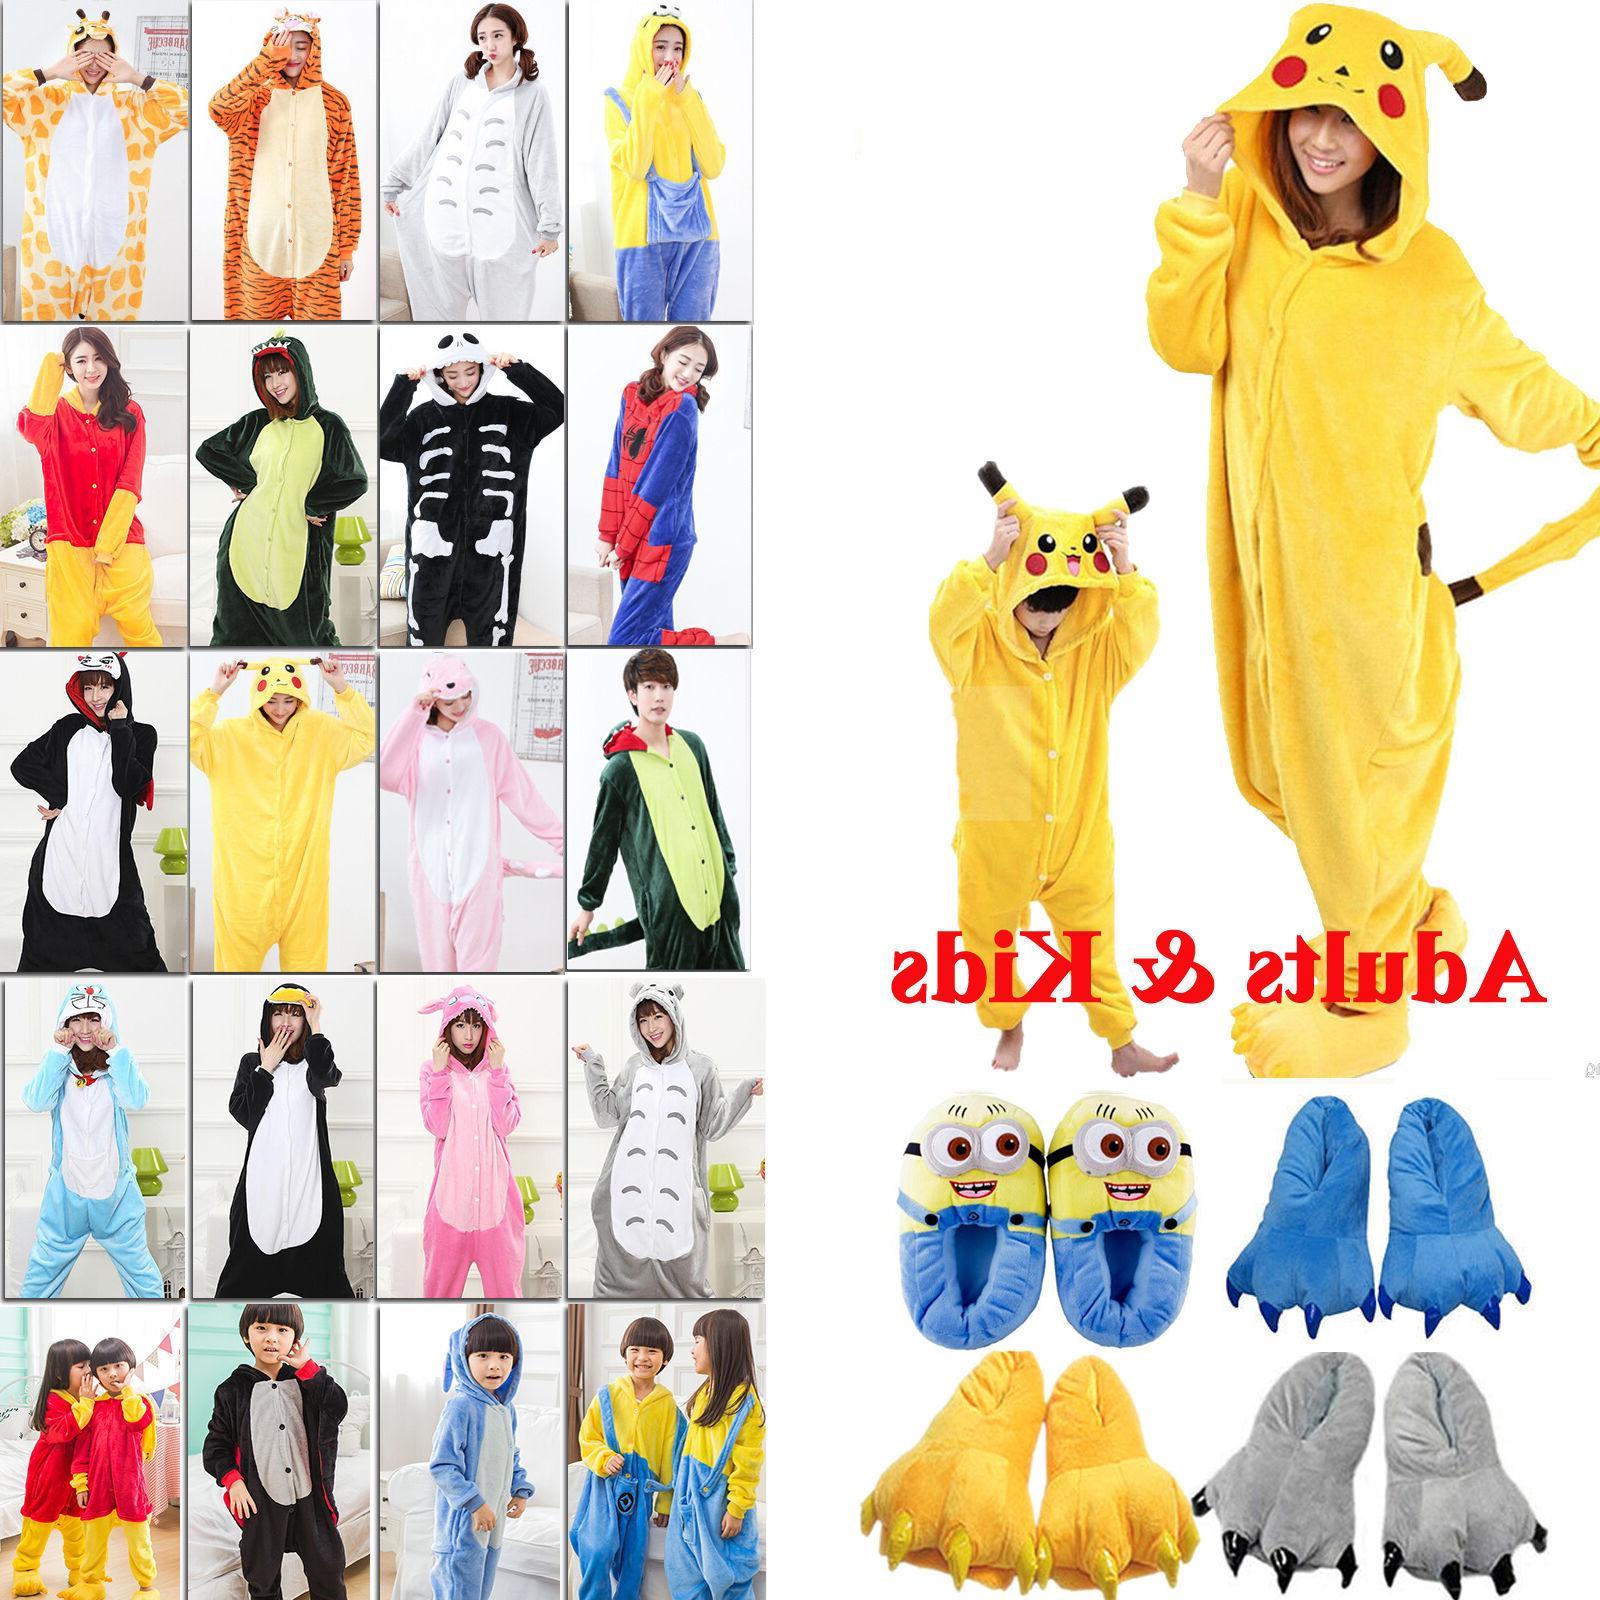 Hot Kigurumi Pajamas Sleepwear Costumes Unisex